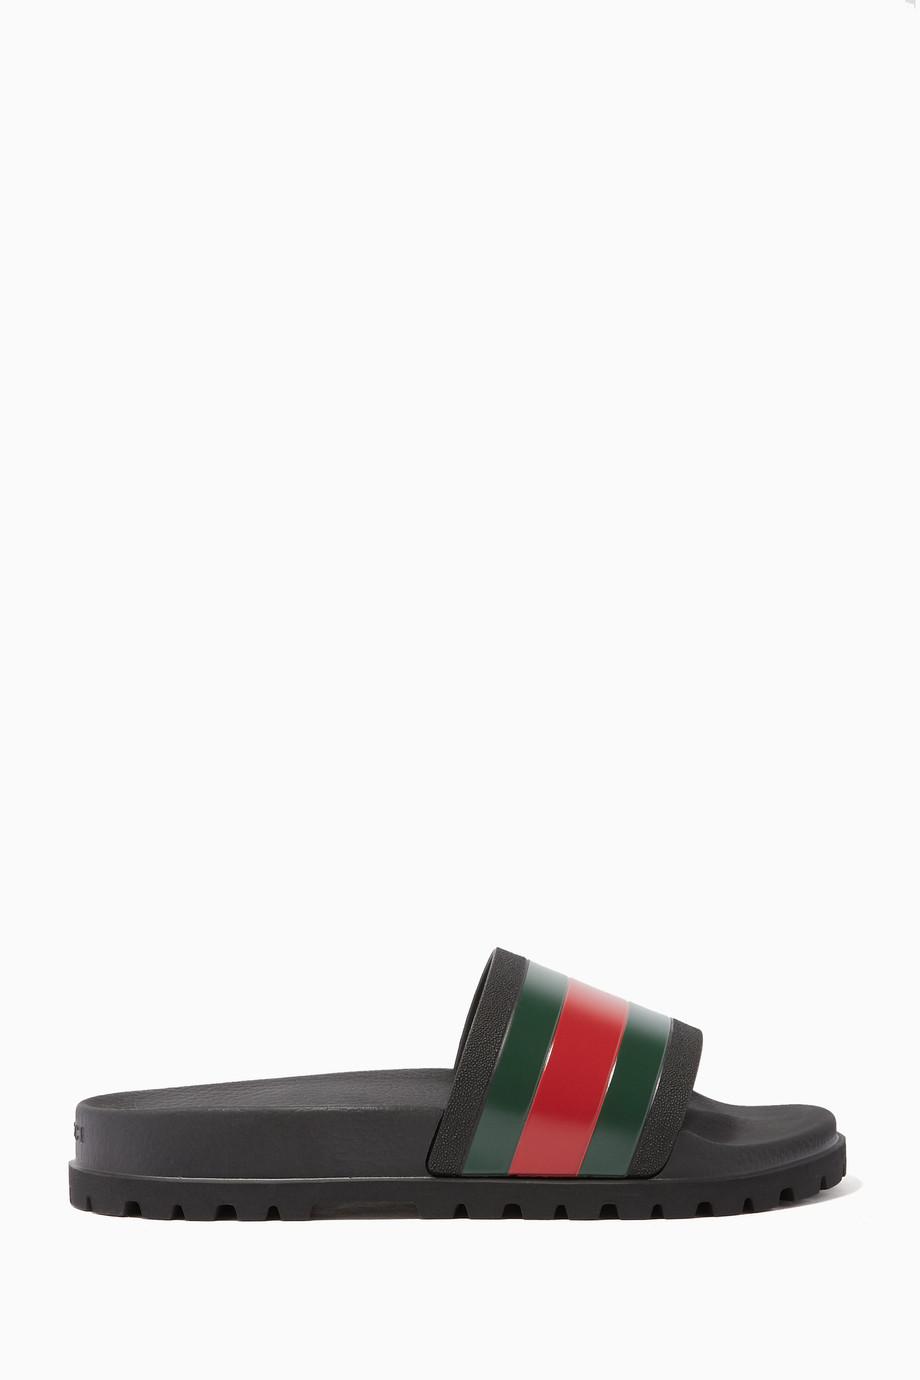 944aecb655e Shop Gucci Black Black Pursuit Trek Web Slide Sandals for Men ...